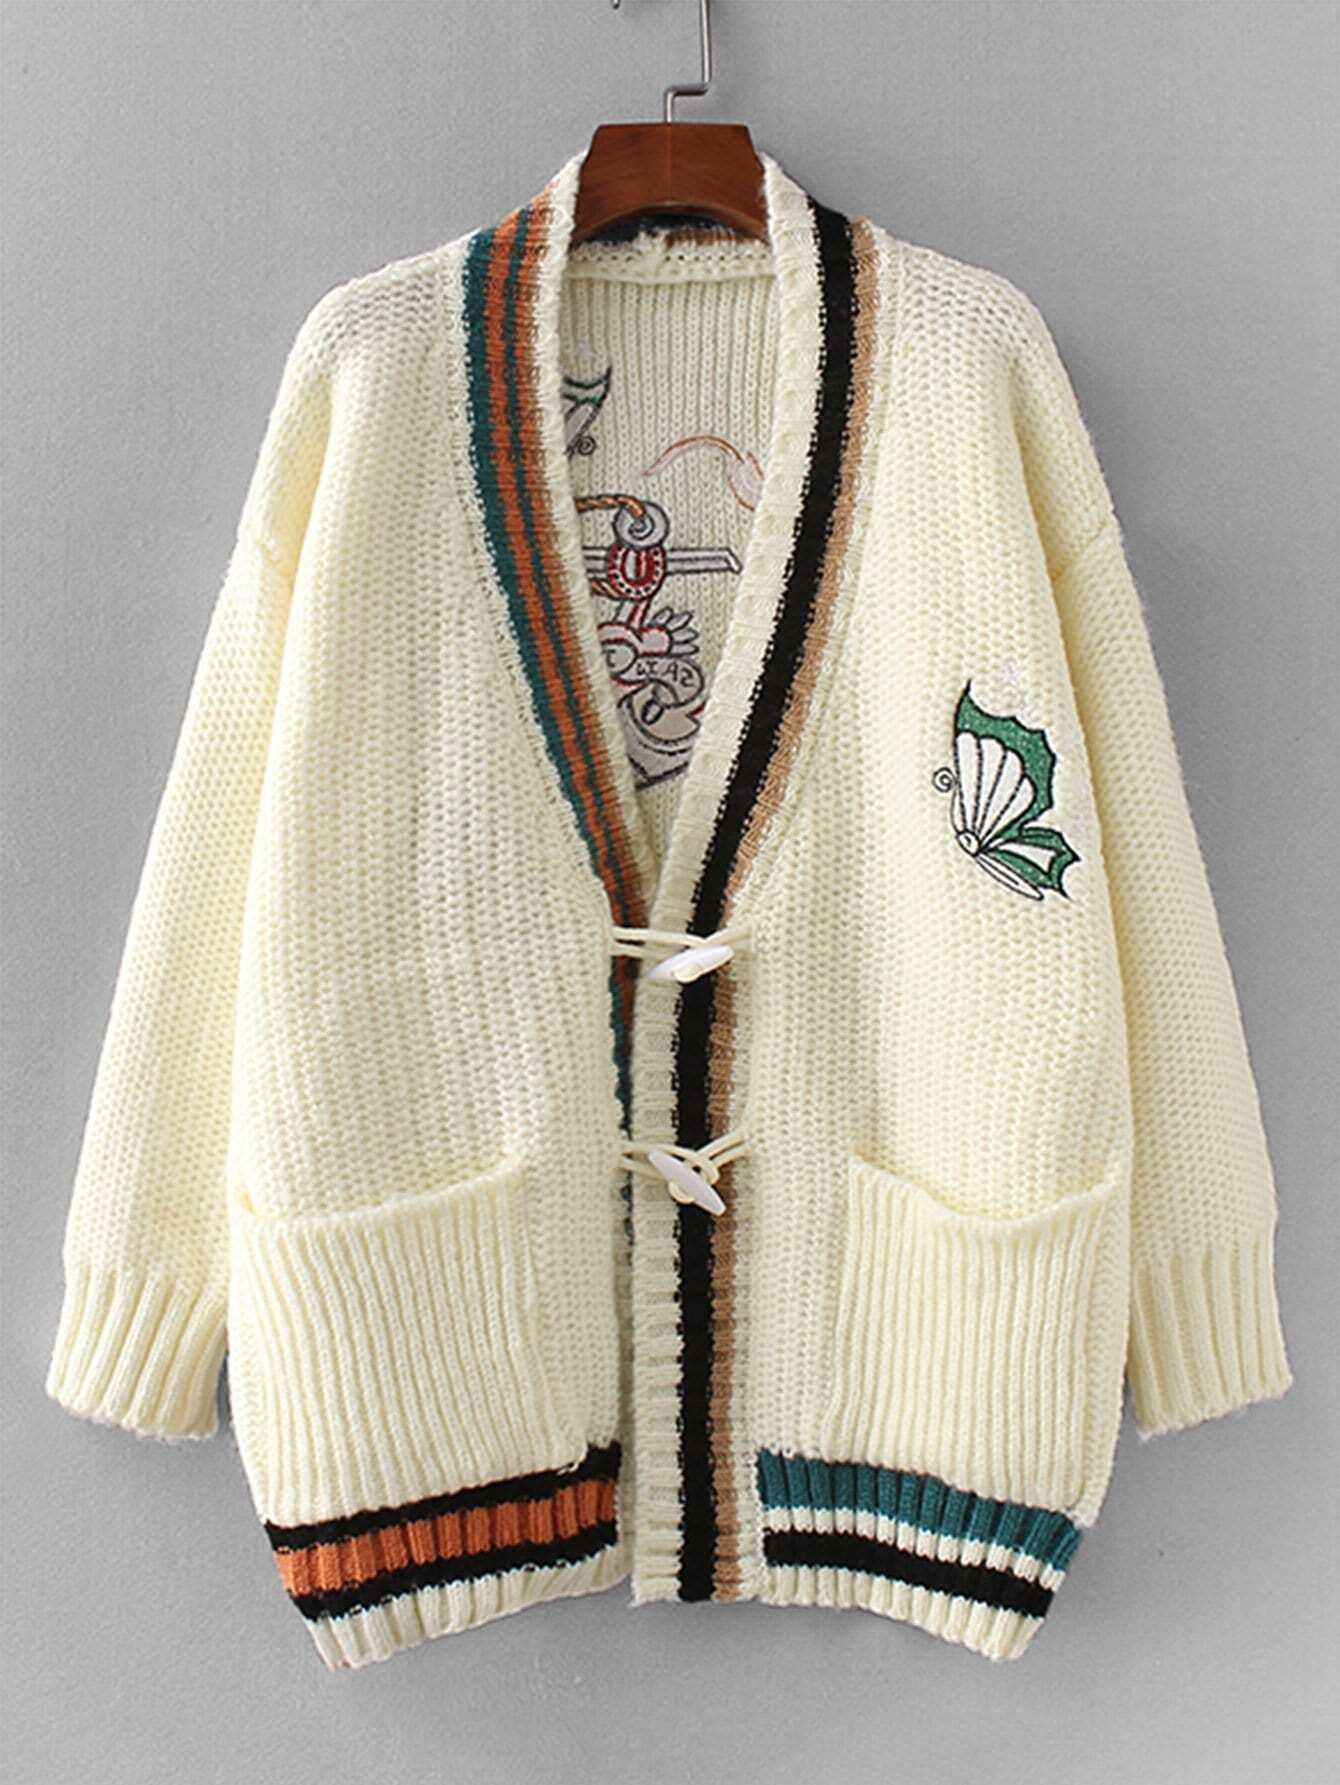 Купить Фуфайка с вышивкой и со симметрическими полосатыми оторочками, null, SheIn